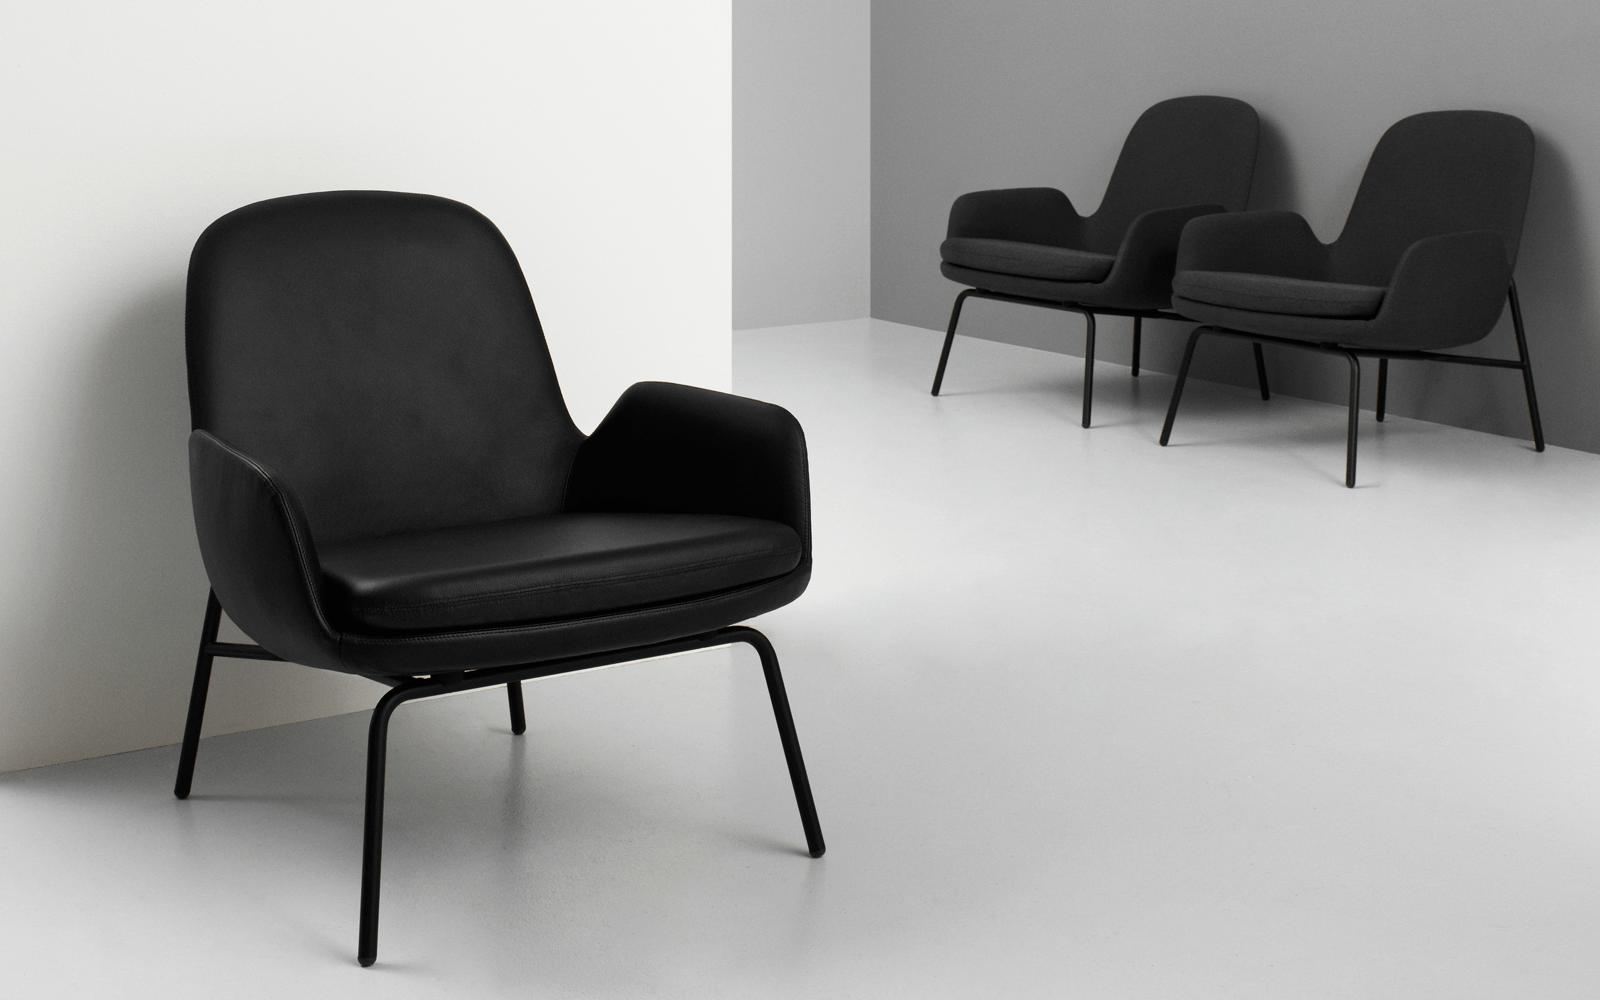 normann copenhagen sofa era replacement sleeper air mattress lounge chair a modern and classic